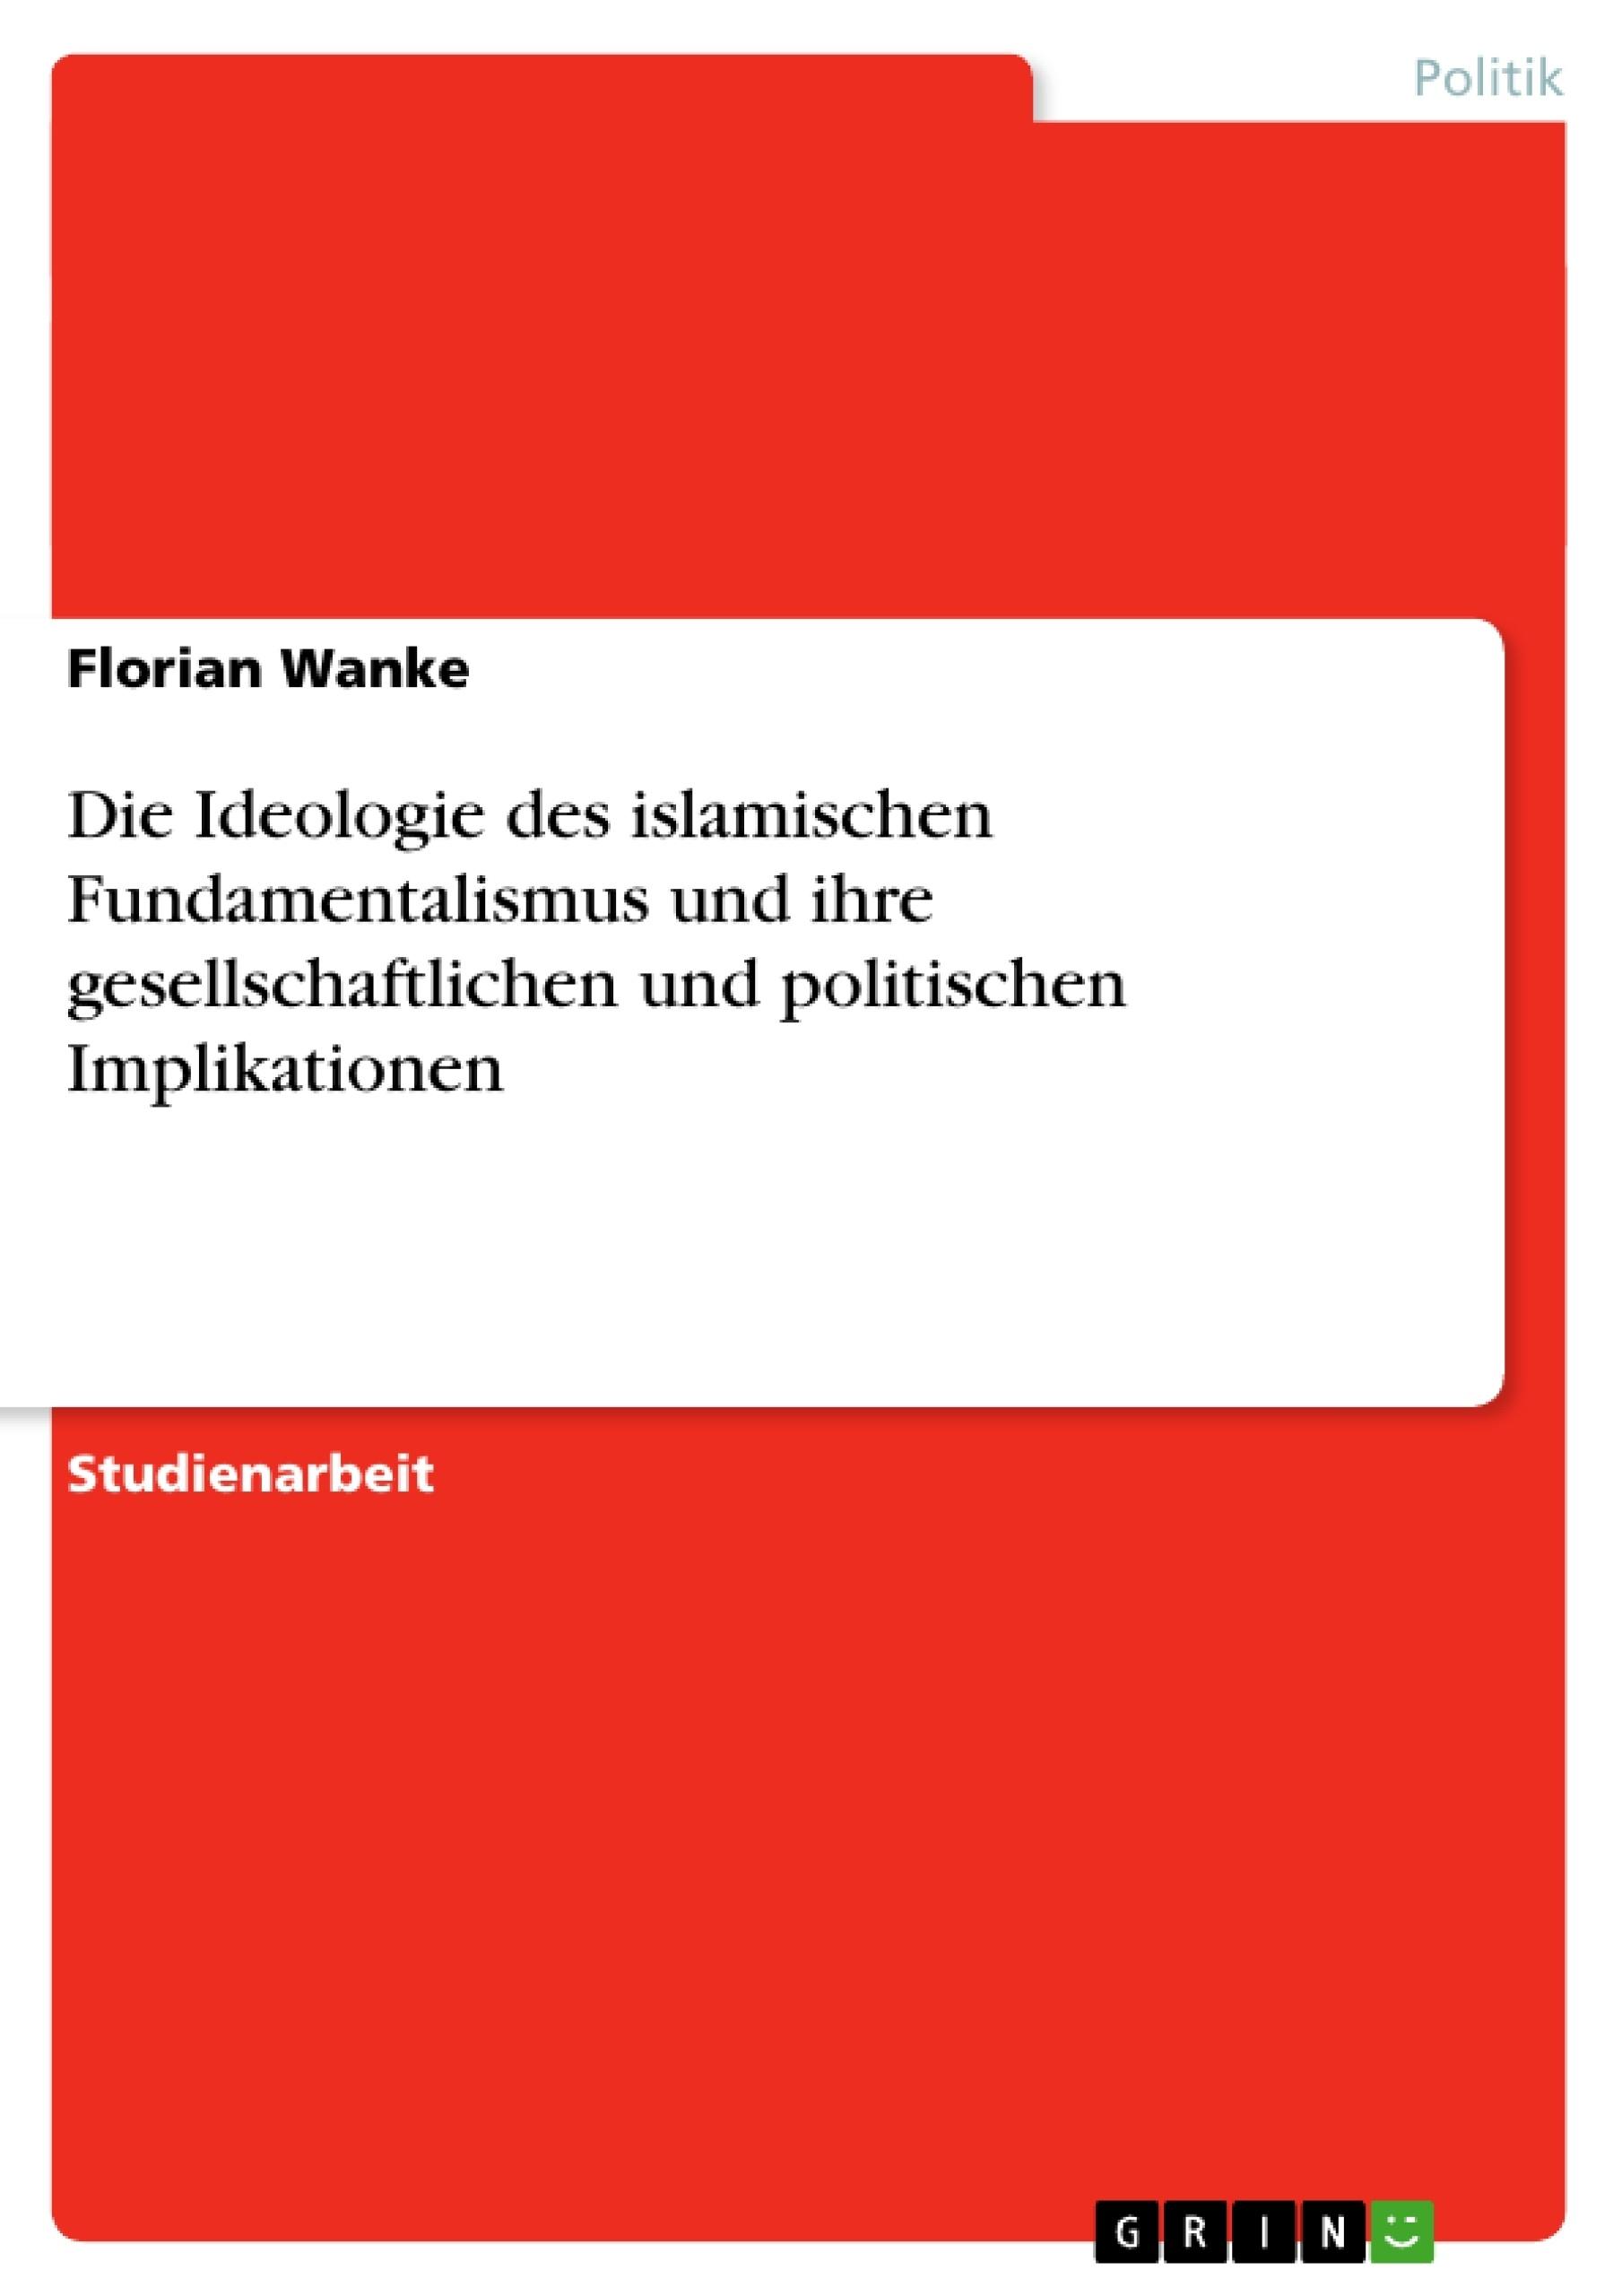 Titel: Die Ideologie des islamischen Fundamentalismus und ihre gesellschaftlichen und politischen Implikationen